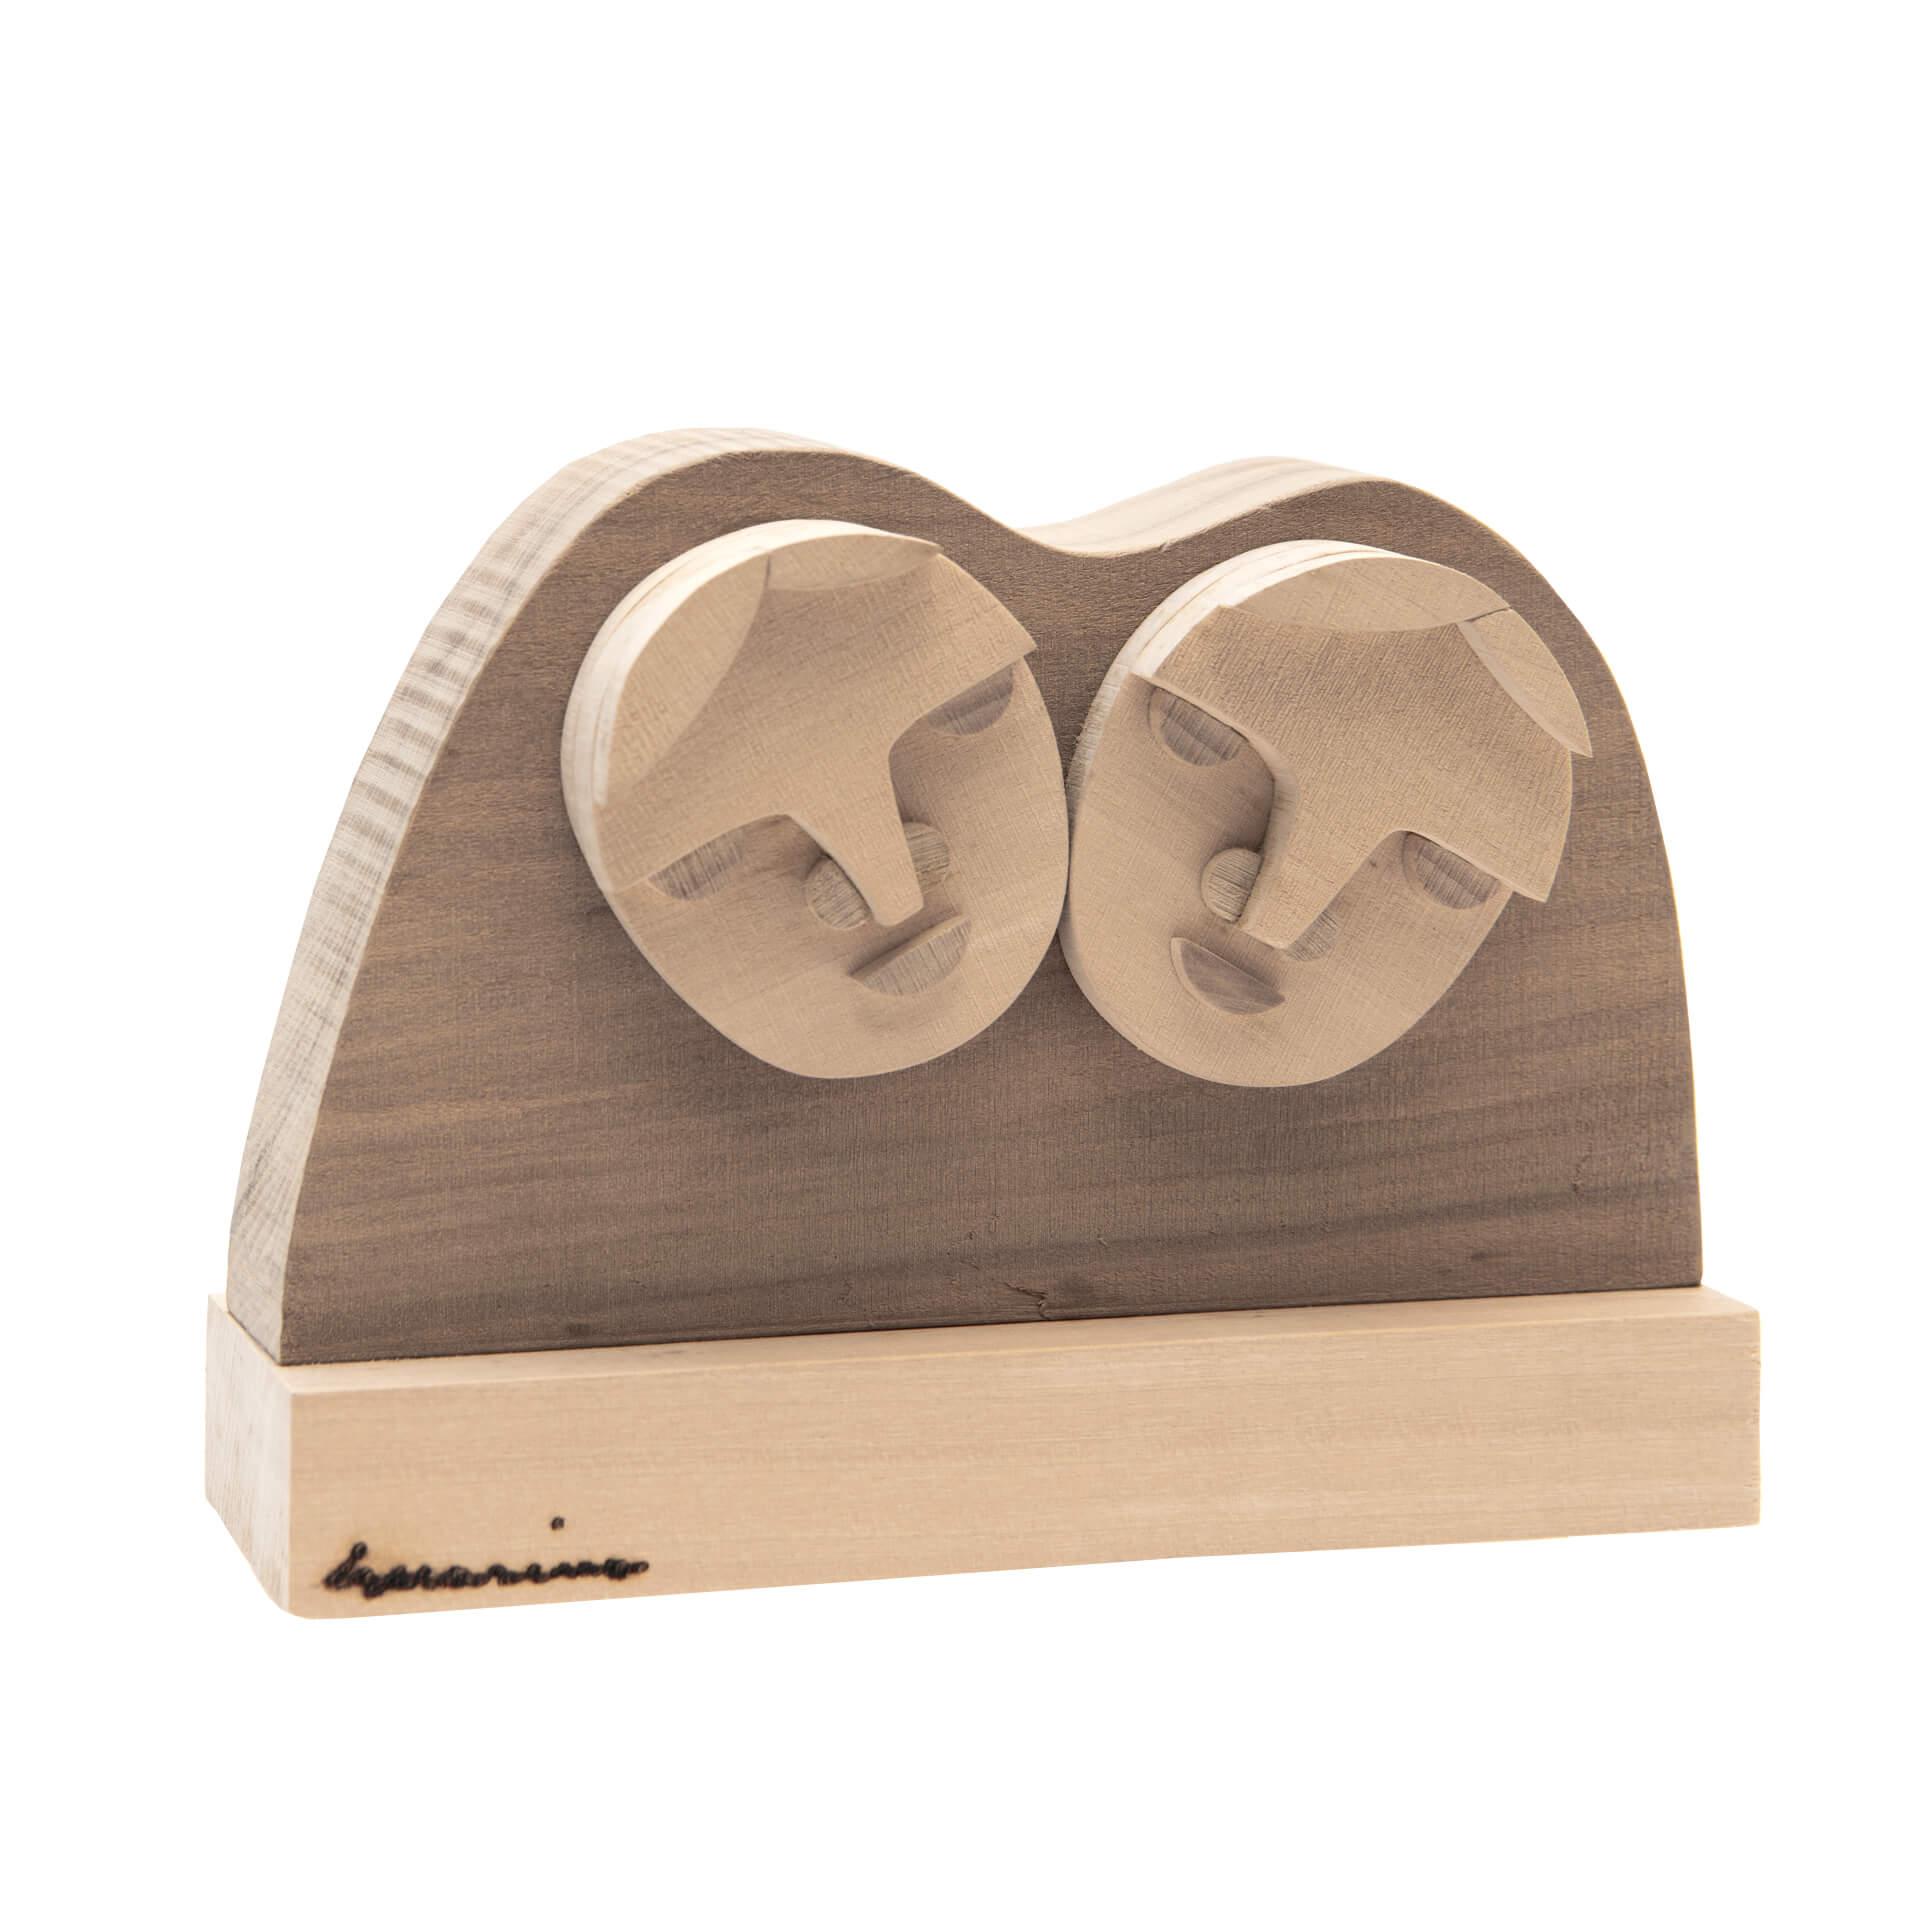 Scultura in legno Gemelli - Dimensione media 17x 6 x 13 cm (b x p x h)